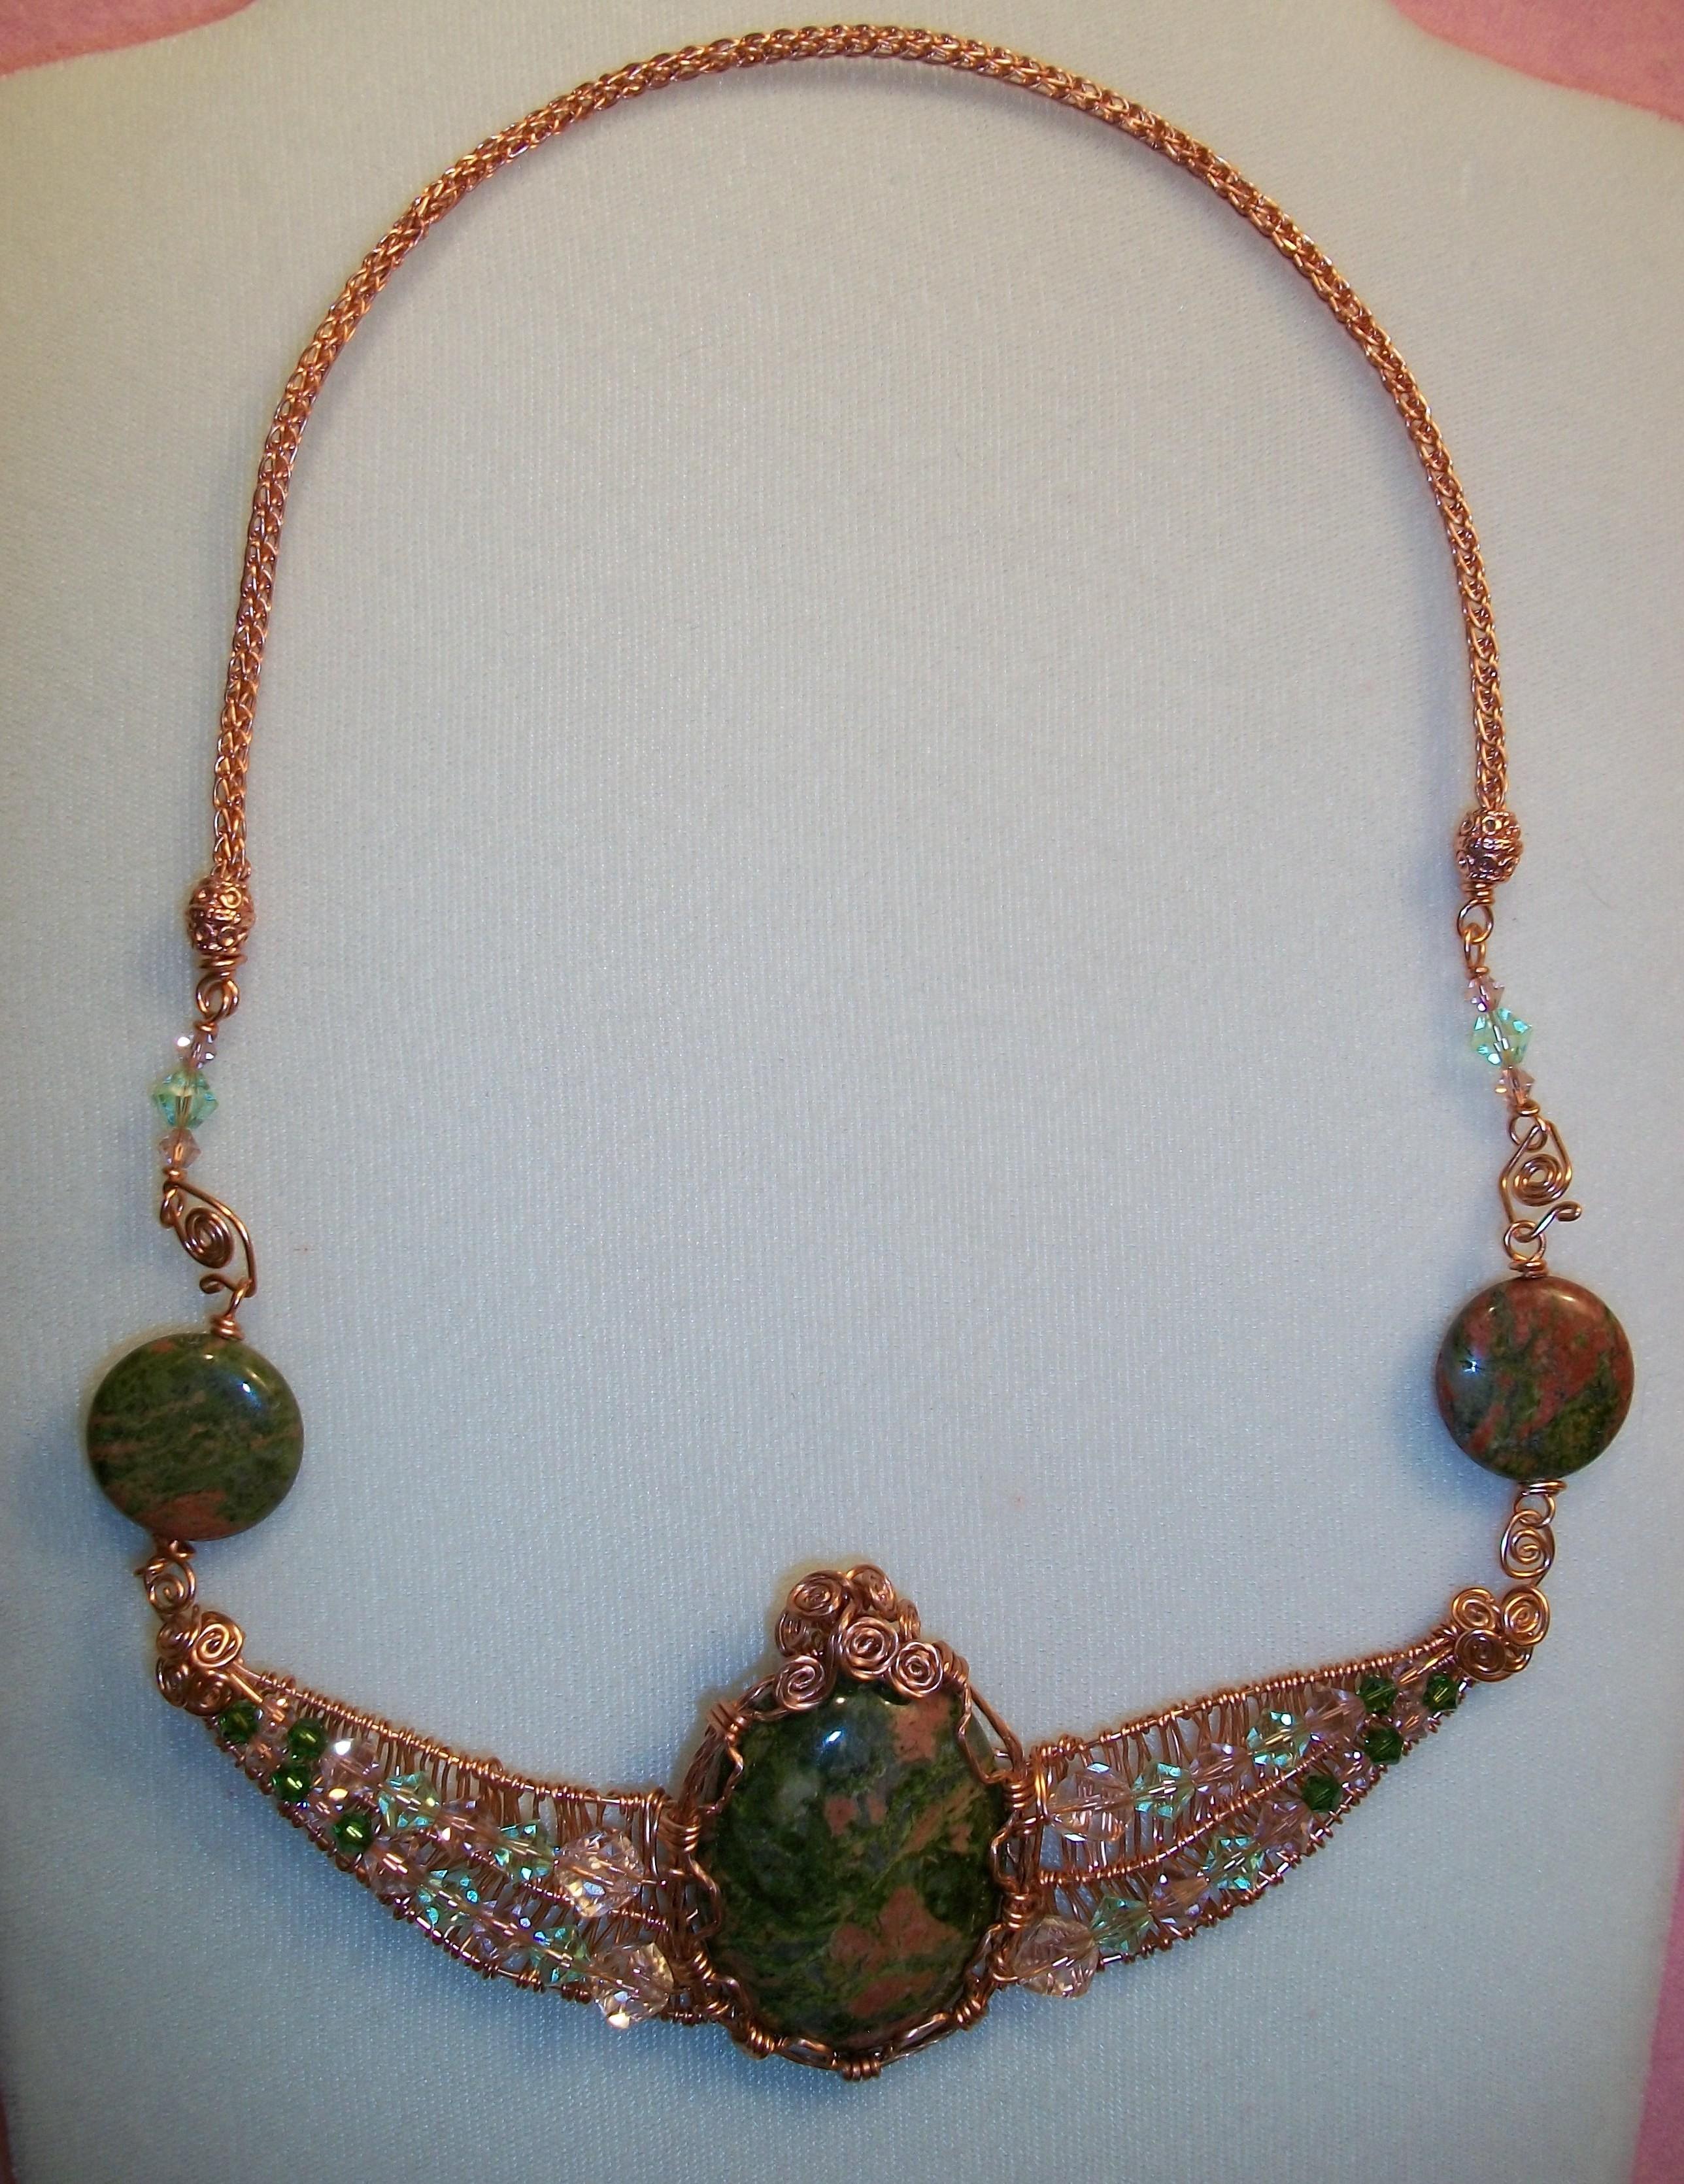 About Unakite - Unakite Facts & History | Jewelry Making Blog ...